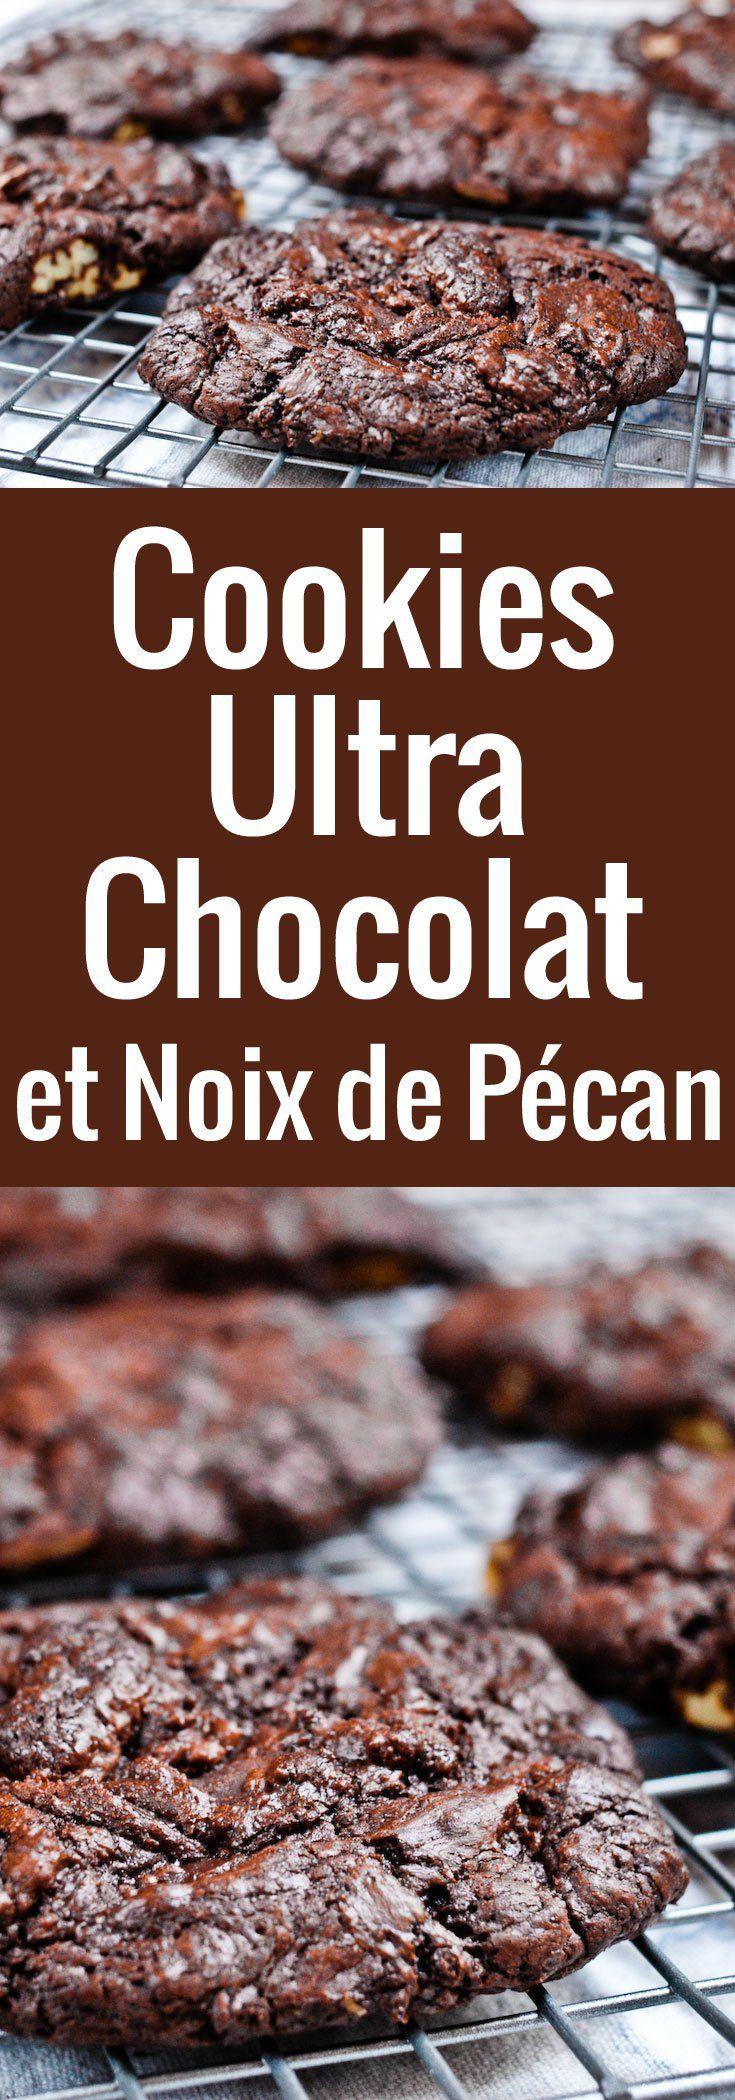 Une recette de cookies ultra chocolat à réserver aux chocophiles sérieux ! La vraie recette américaine des mudslide cookies aux noix de pécan.